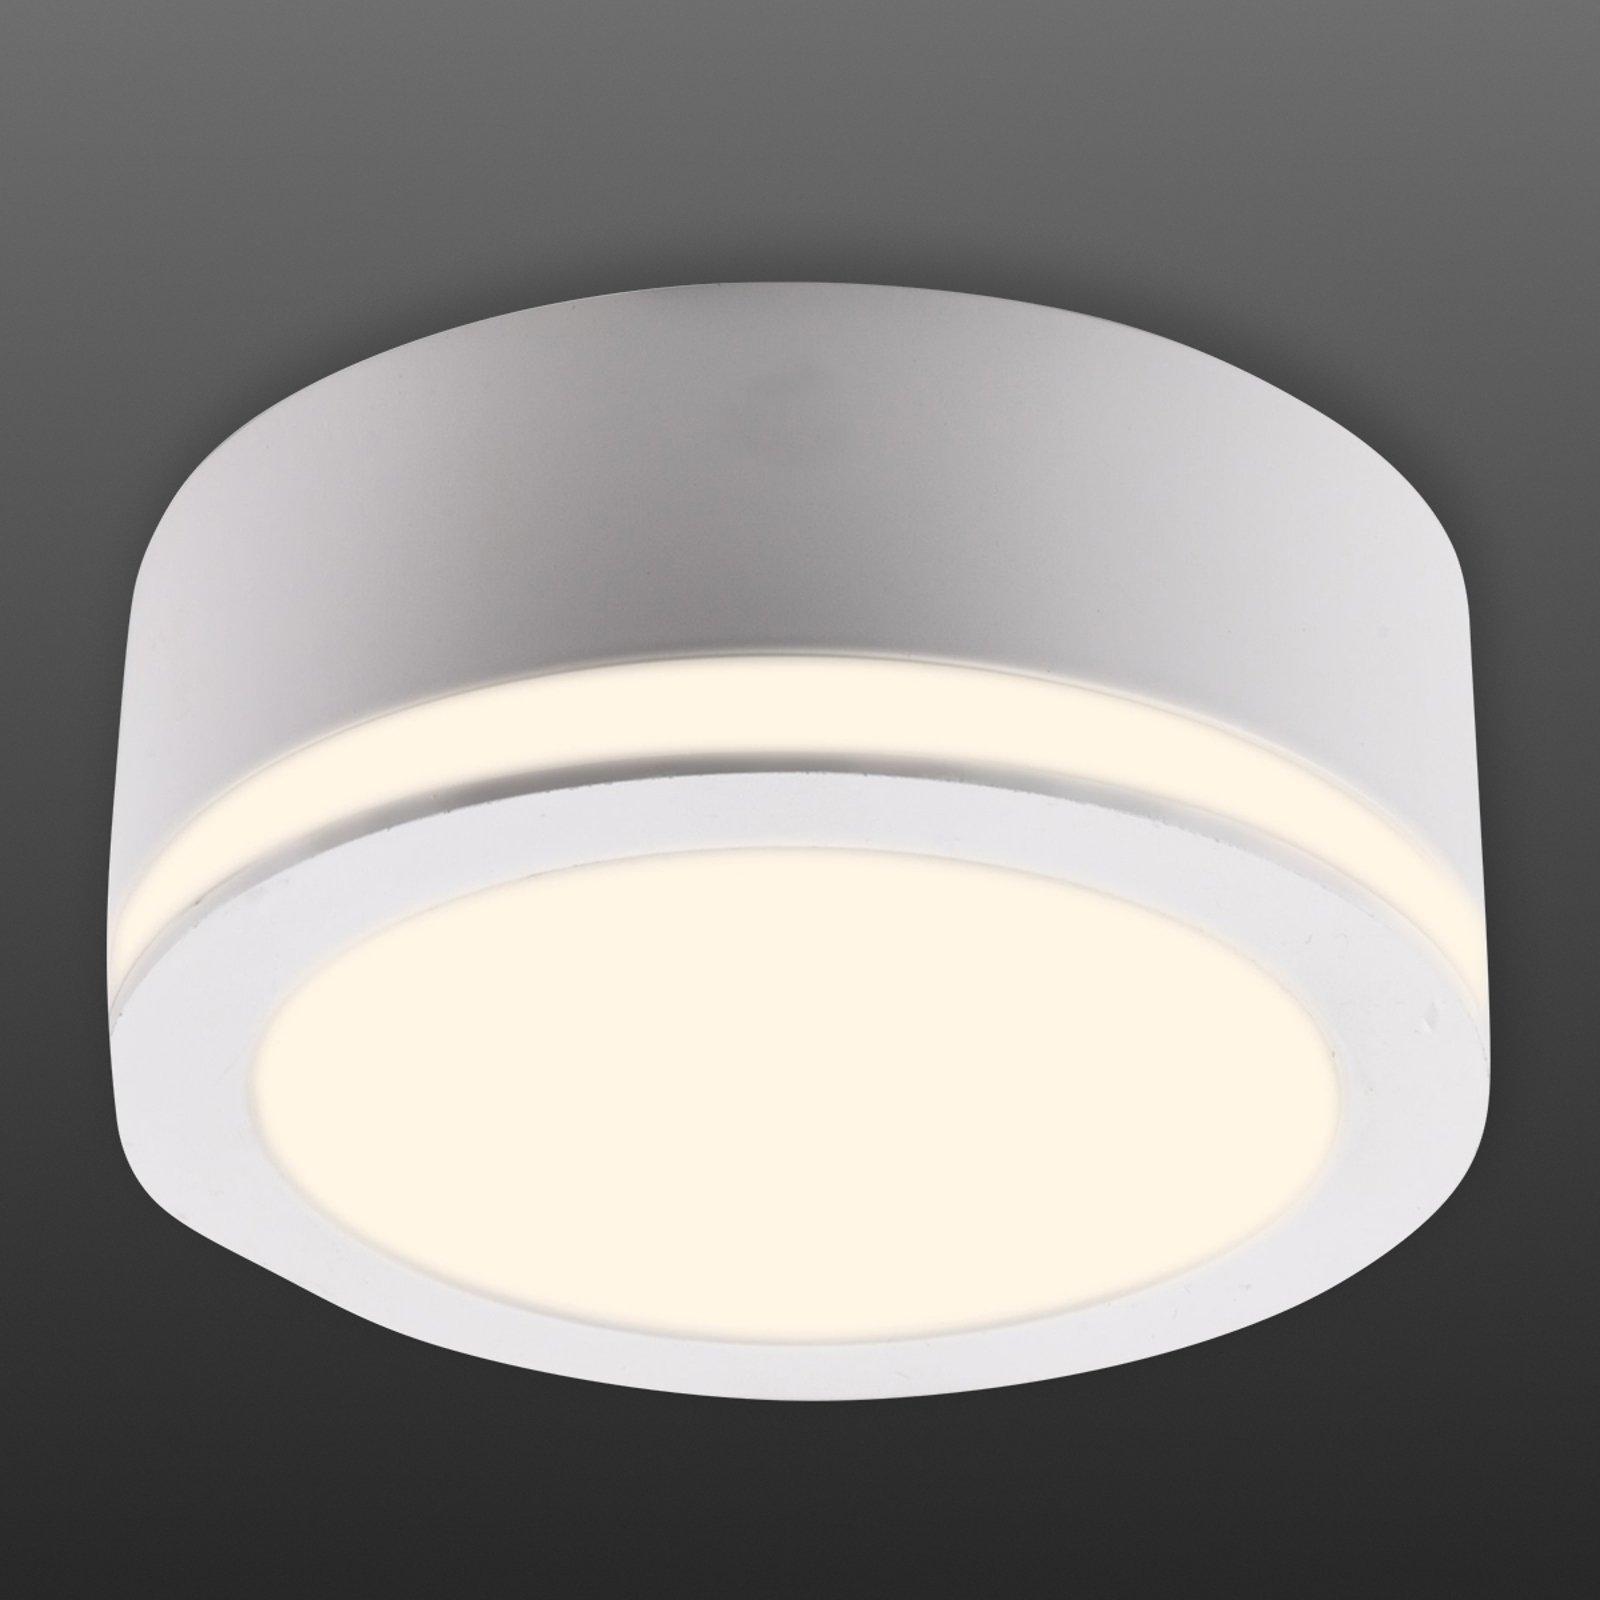 Biala - rund LED-spot utenpåliggende, 10 cm Ø